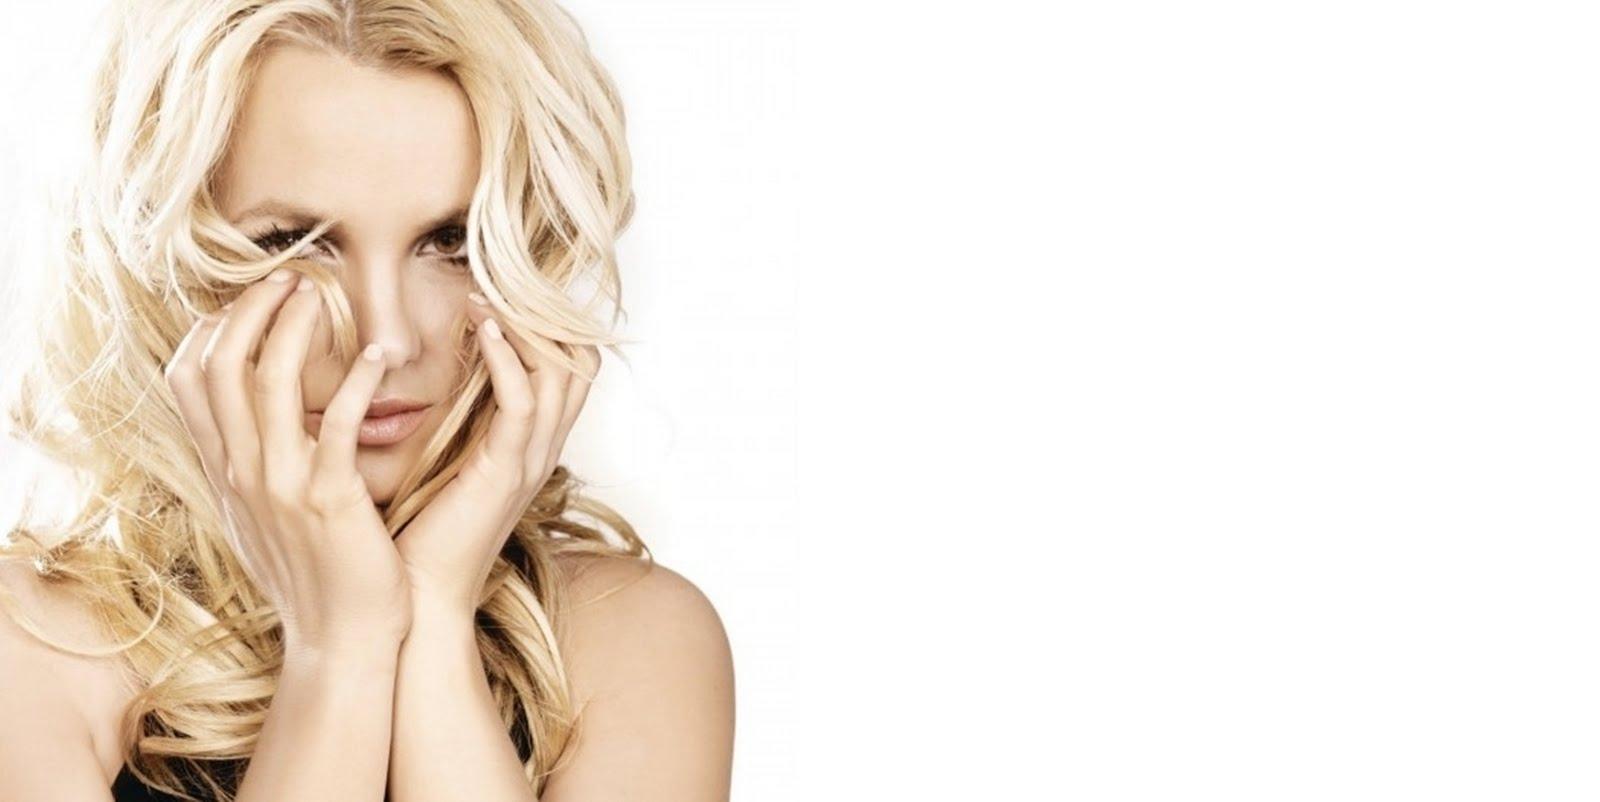 http://3.bp.blogspot.com/-_Au8dxhv0pU/TdmCOPp-DMI/AAAAAAAACDE/8SG5yz1UFs8/s1600/Britney-Spears-Femme-Fatale-Wallpaper-HD-Photo-Picture-Image-2-525x700.jpg